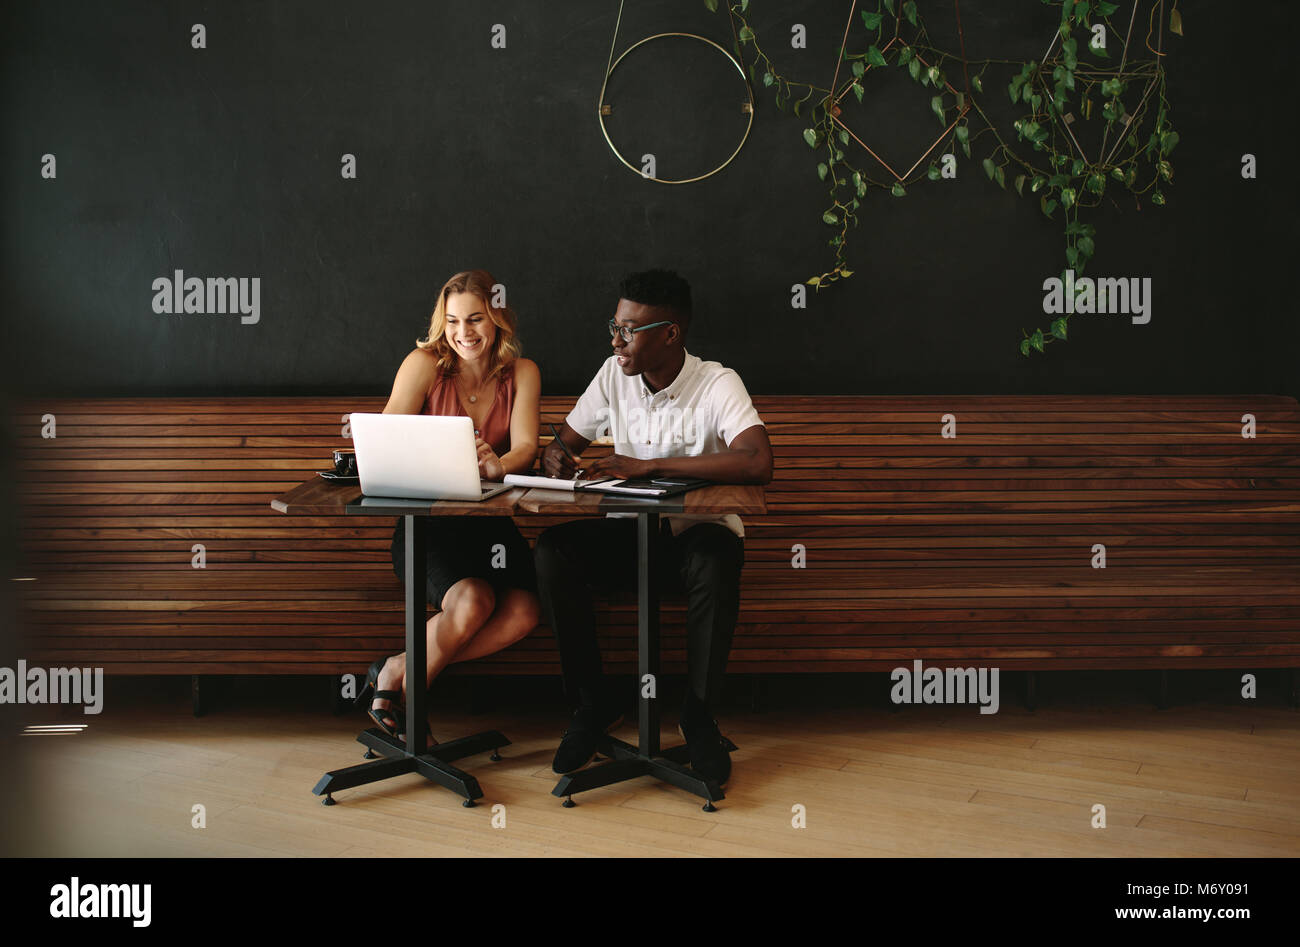 Partenaires d'affaires à un groupe de travail d'un ordinateur portable. Les amis assis à une table Photo Stock